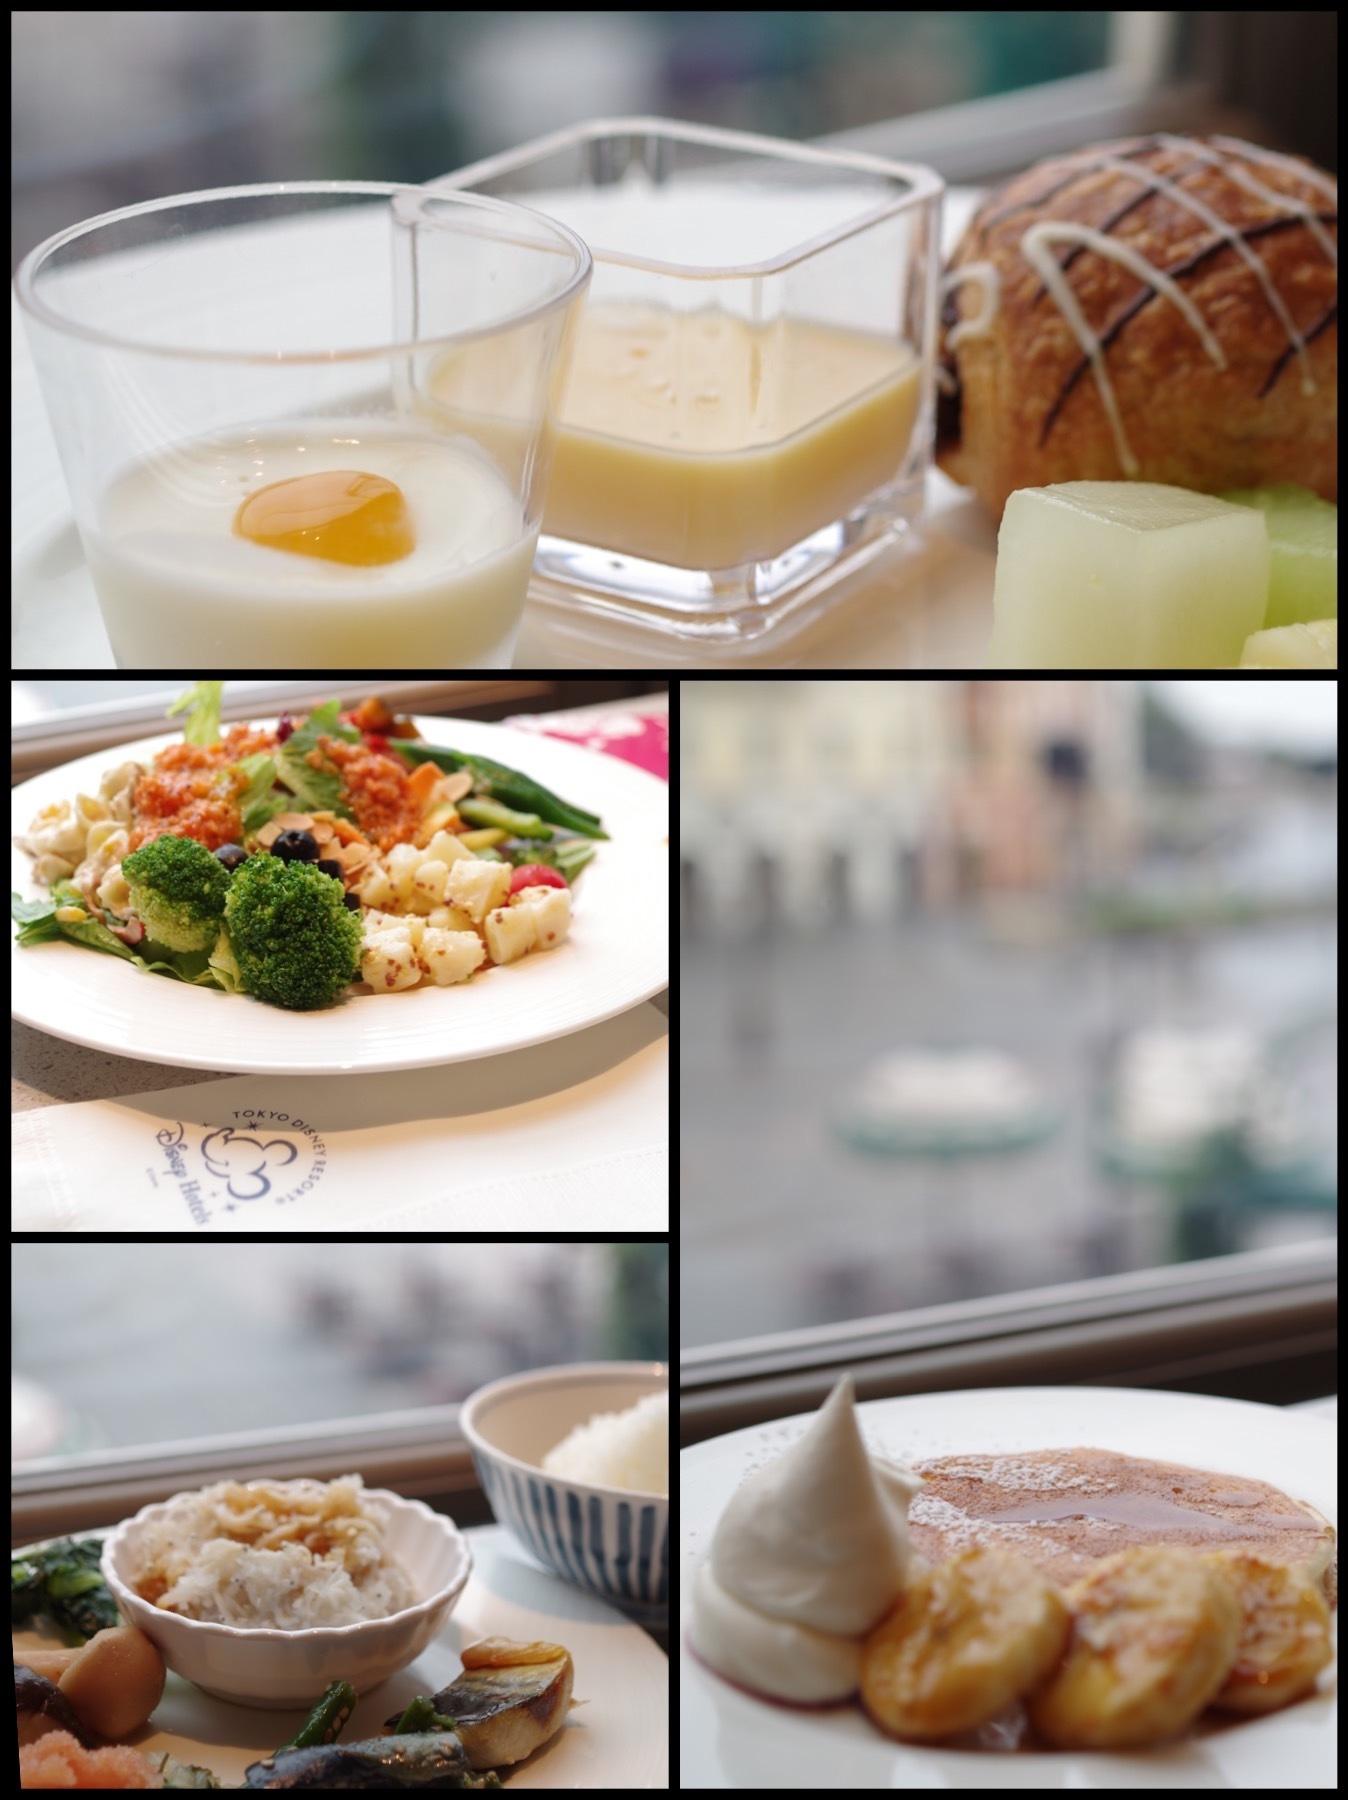 ホテルミラコスタ オチェーアノ朝食バイキング